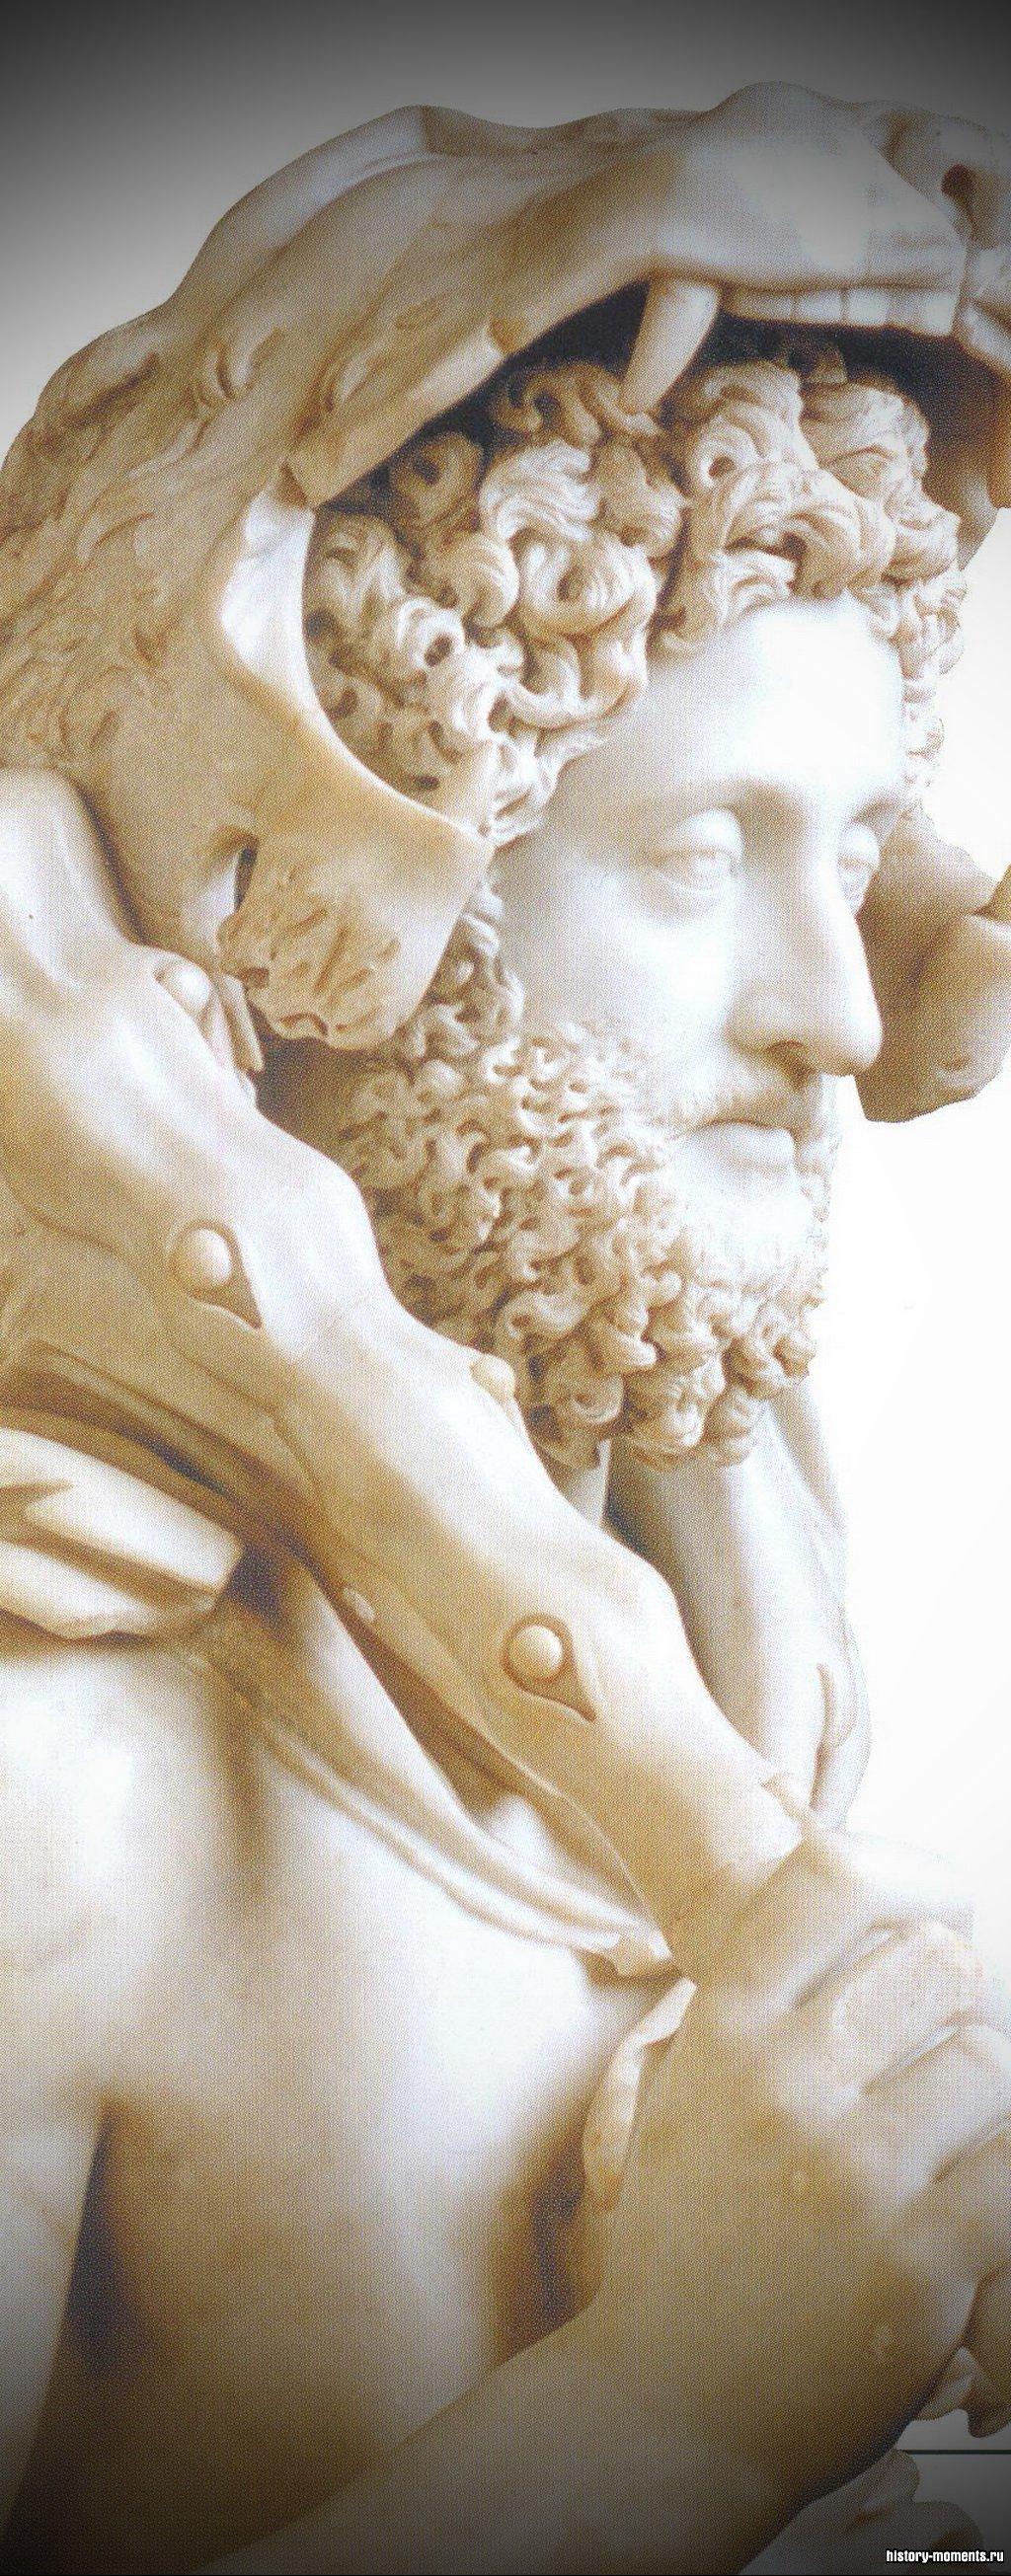 Император Коммод любил сражаться на арене. Здесь он изображен в наряде мифического воина Геракла.